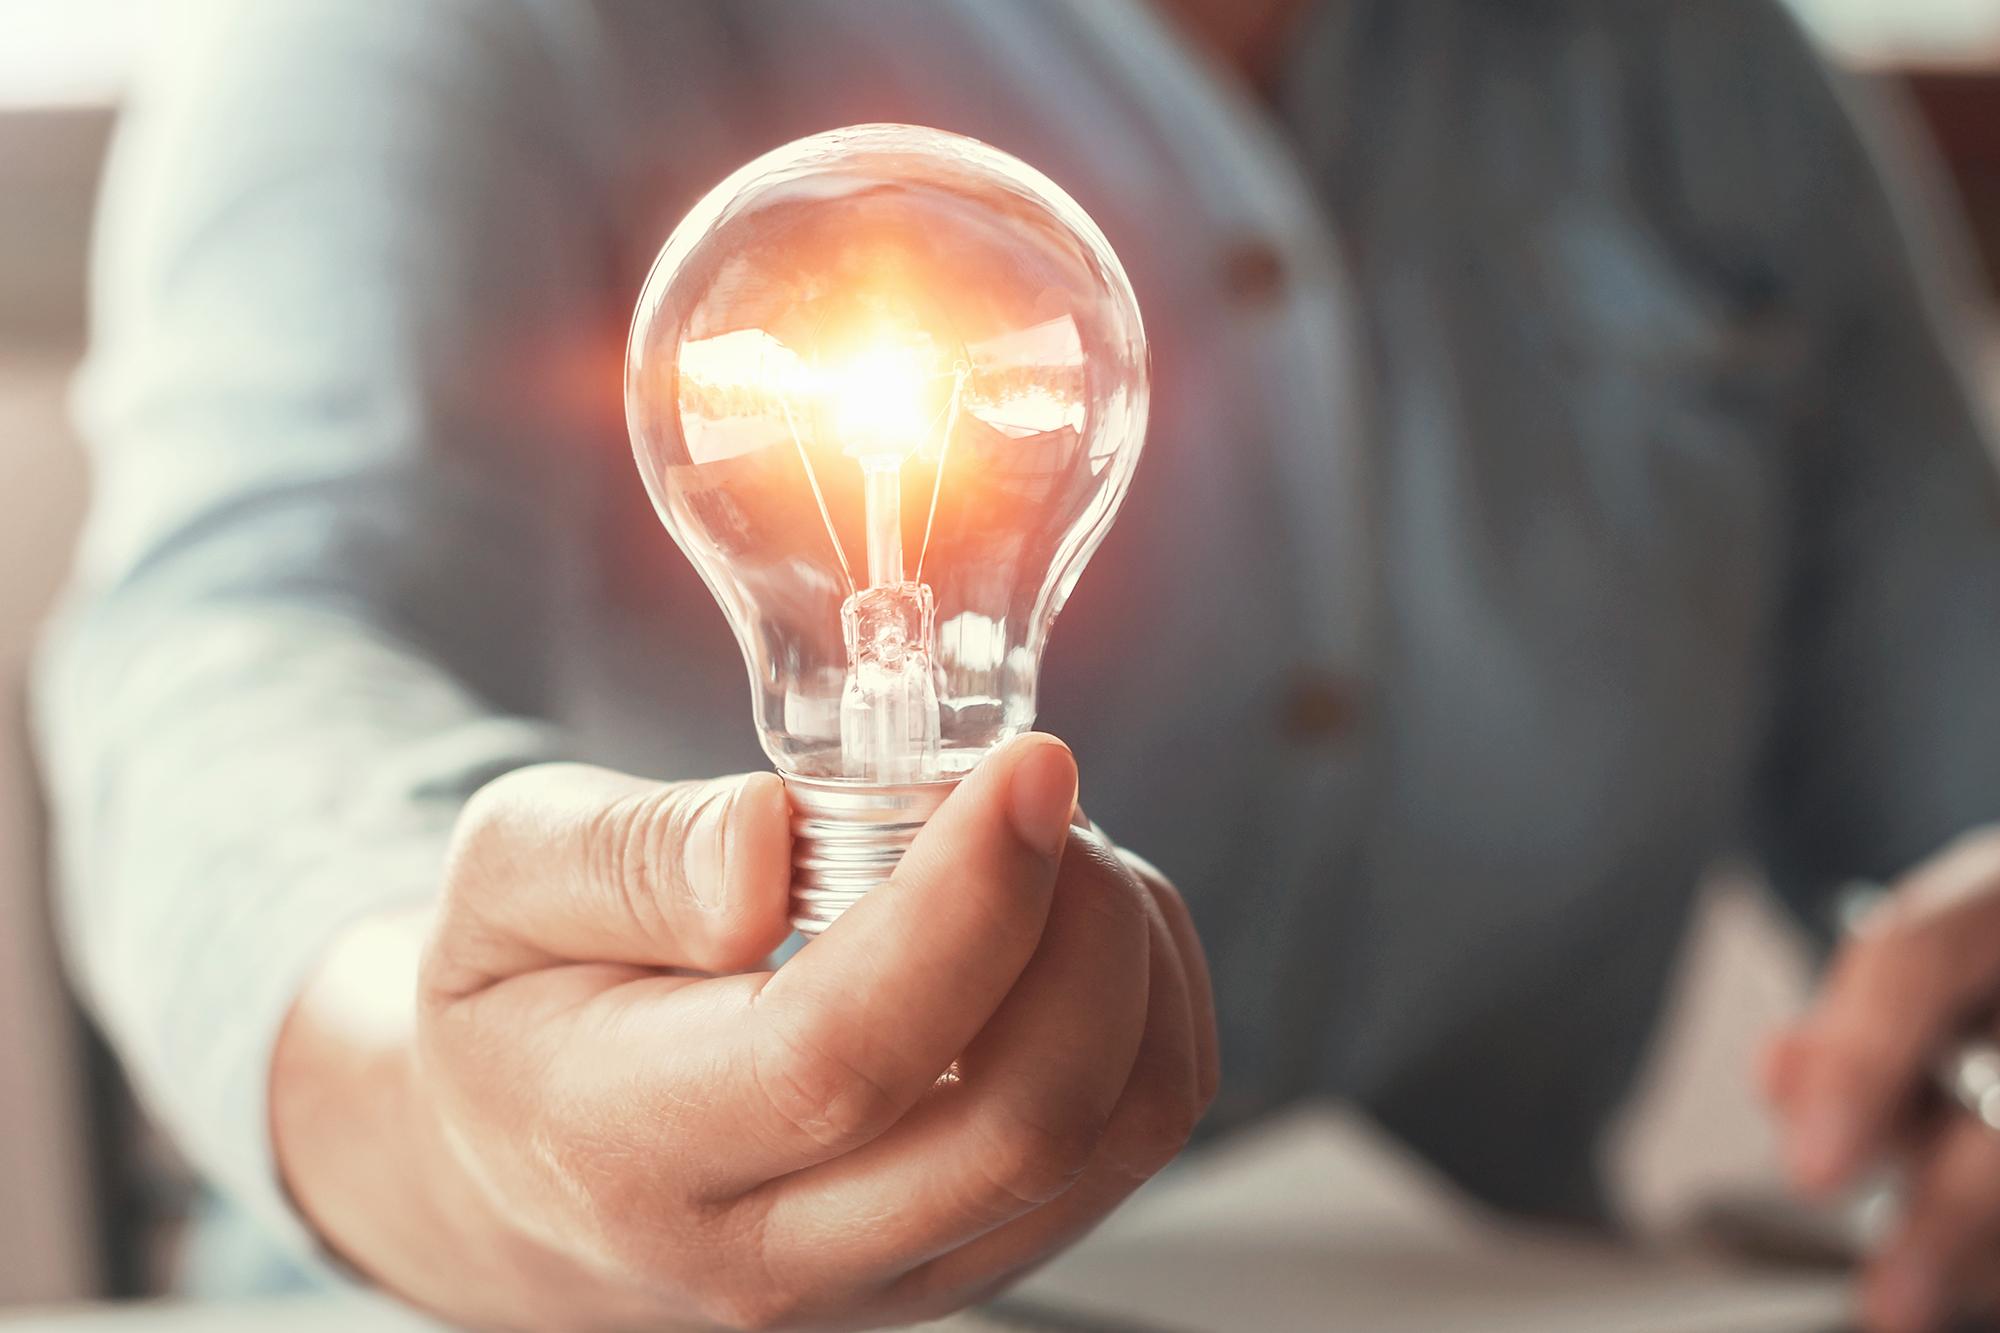 Ácido úrico, coeficiente intelectual, productividad y ciclo de vida: ¿existe un vínculo? 1